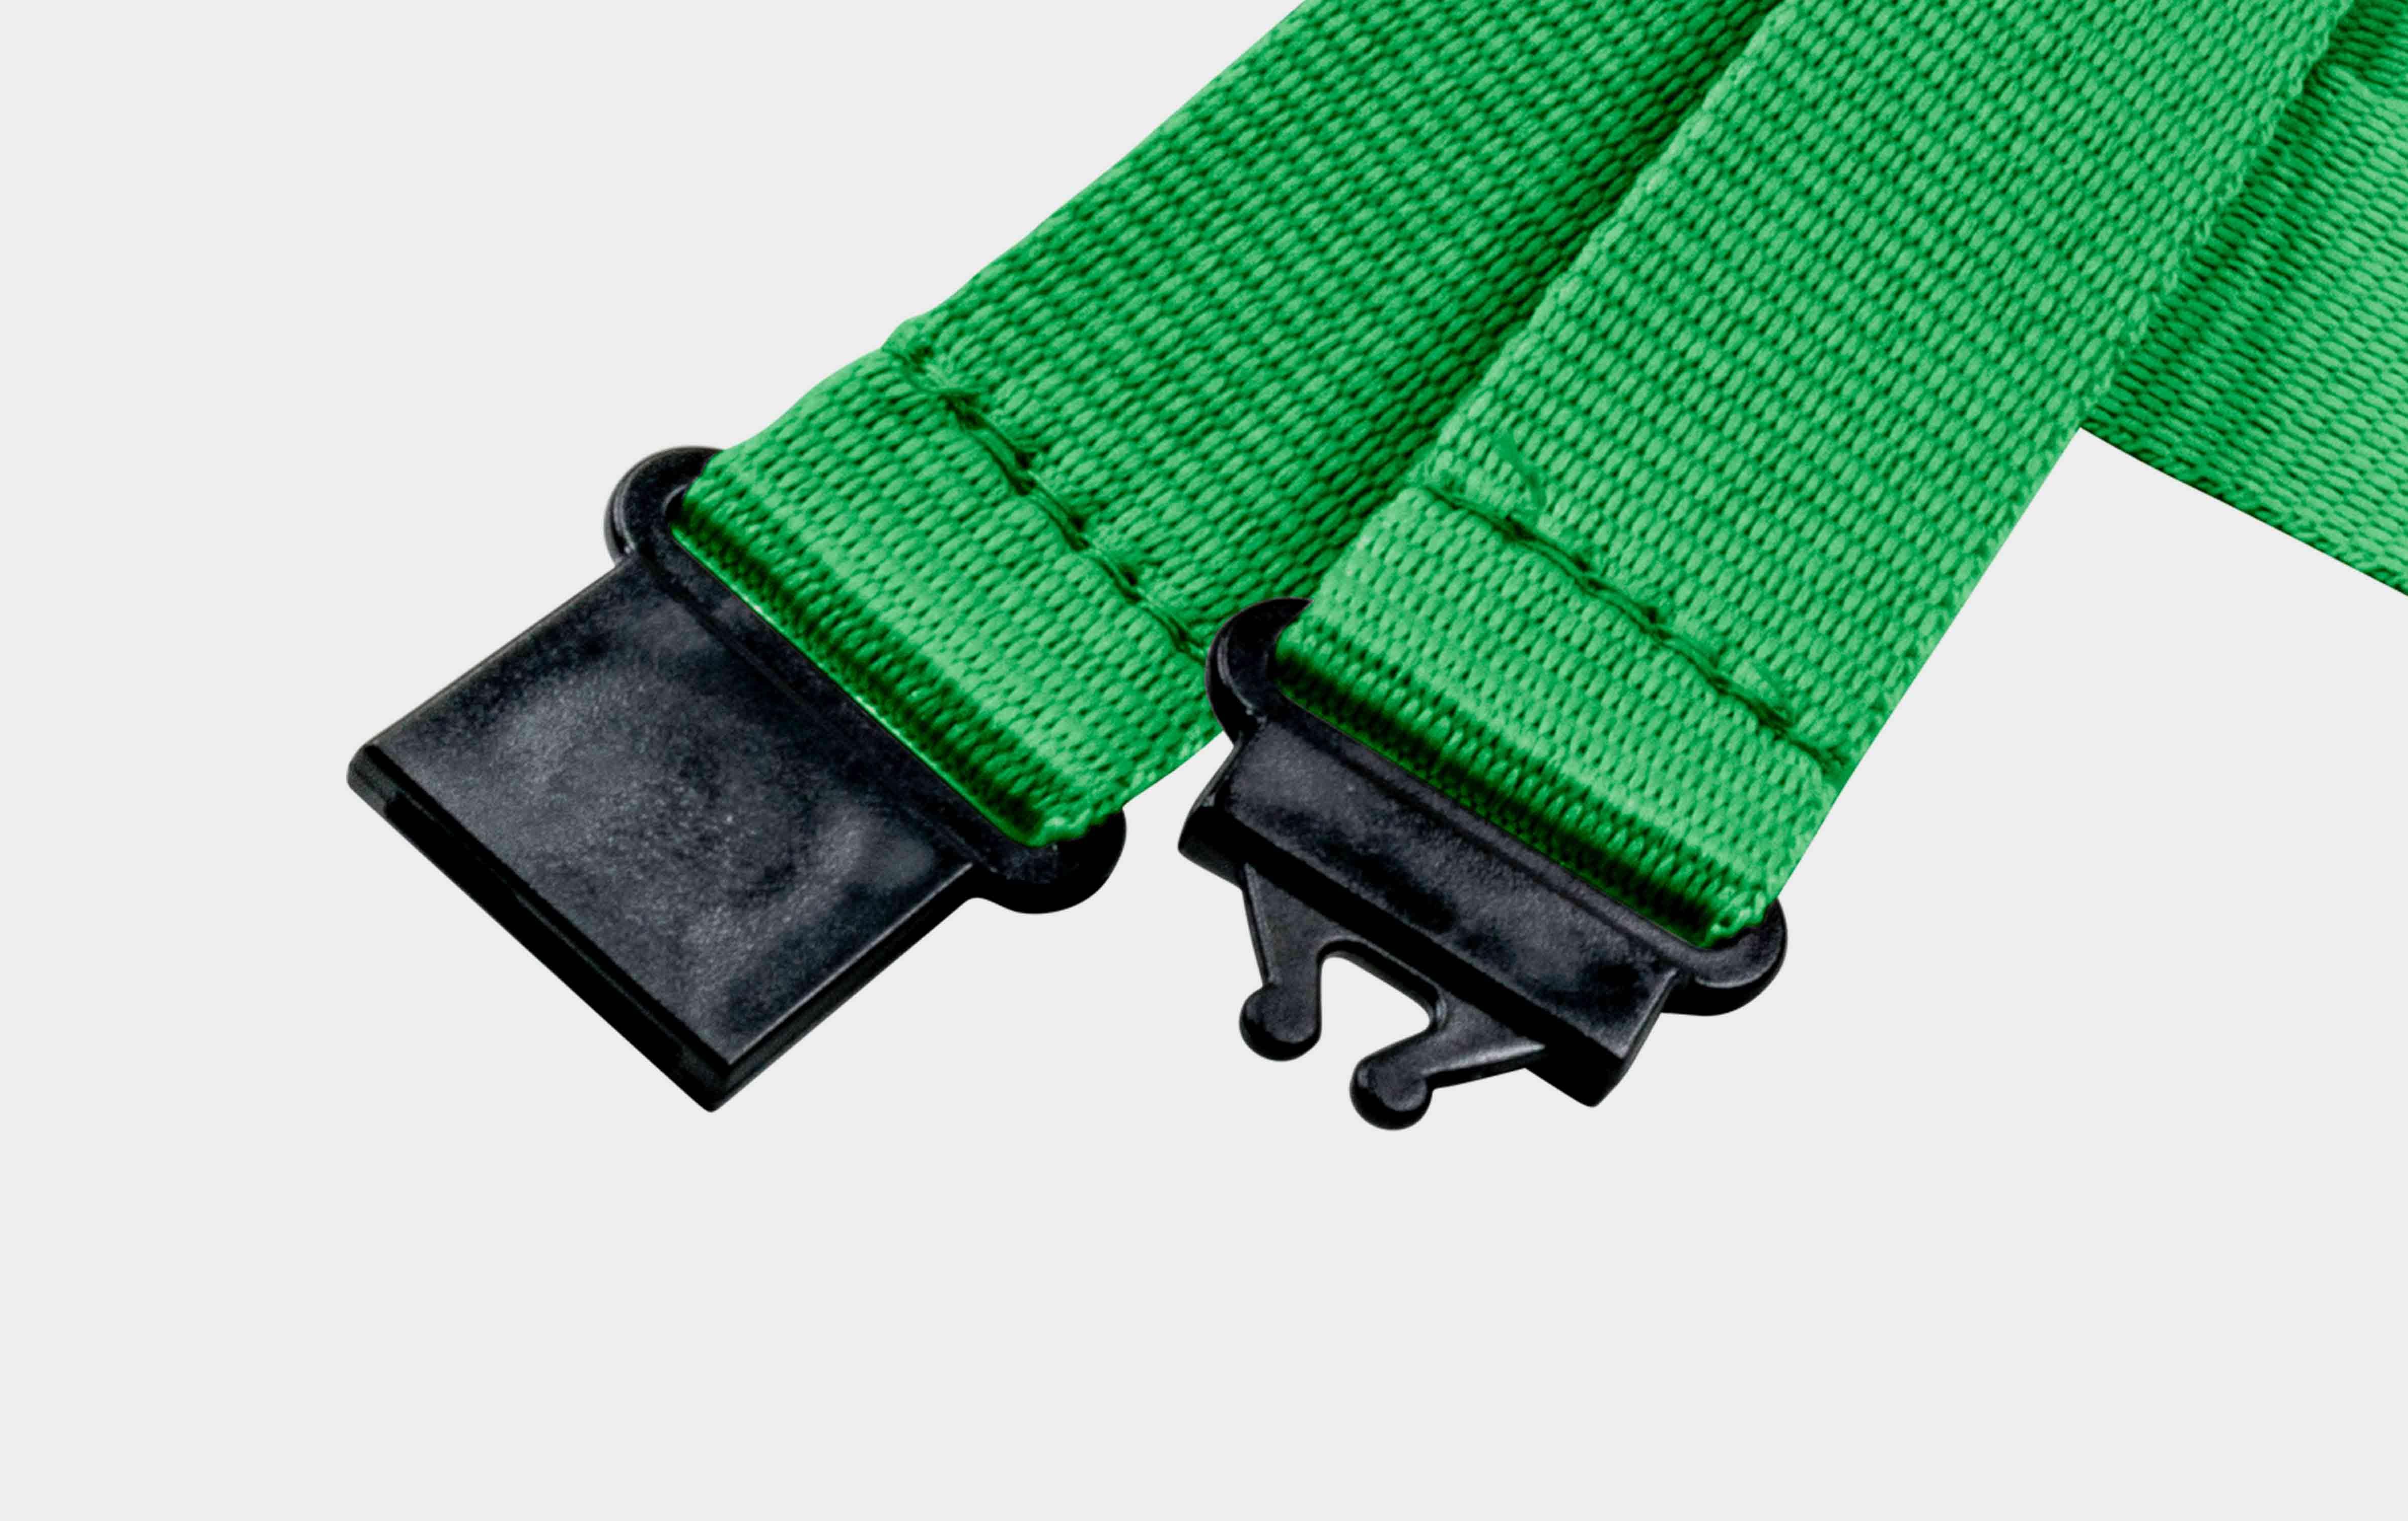 10 Stück Schlüsselbänder 20 mm, 2x easy going Haken, Sicherheitsverschluss, Schiebeschnalle, Grün